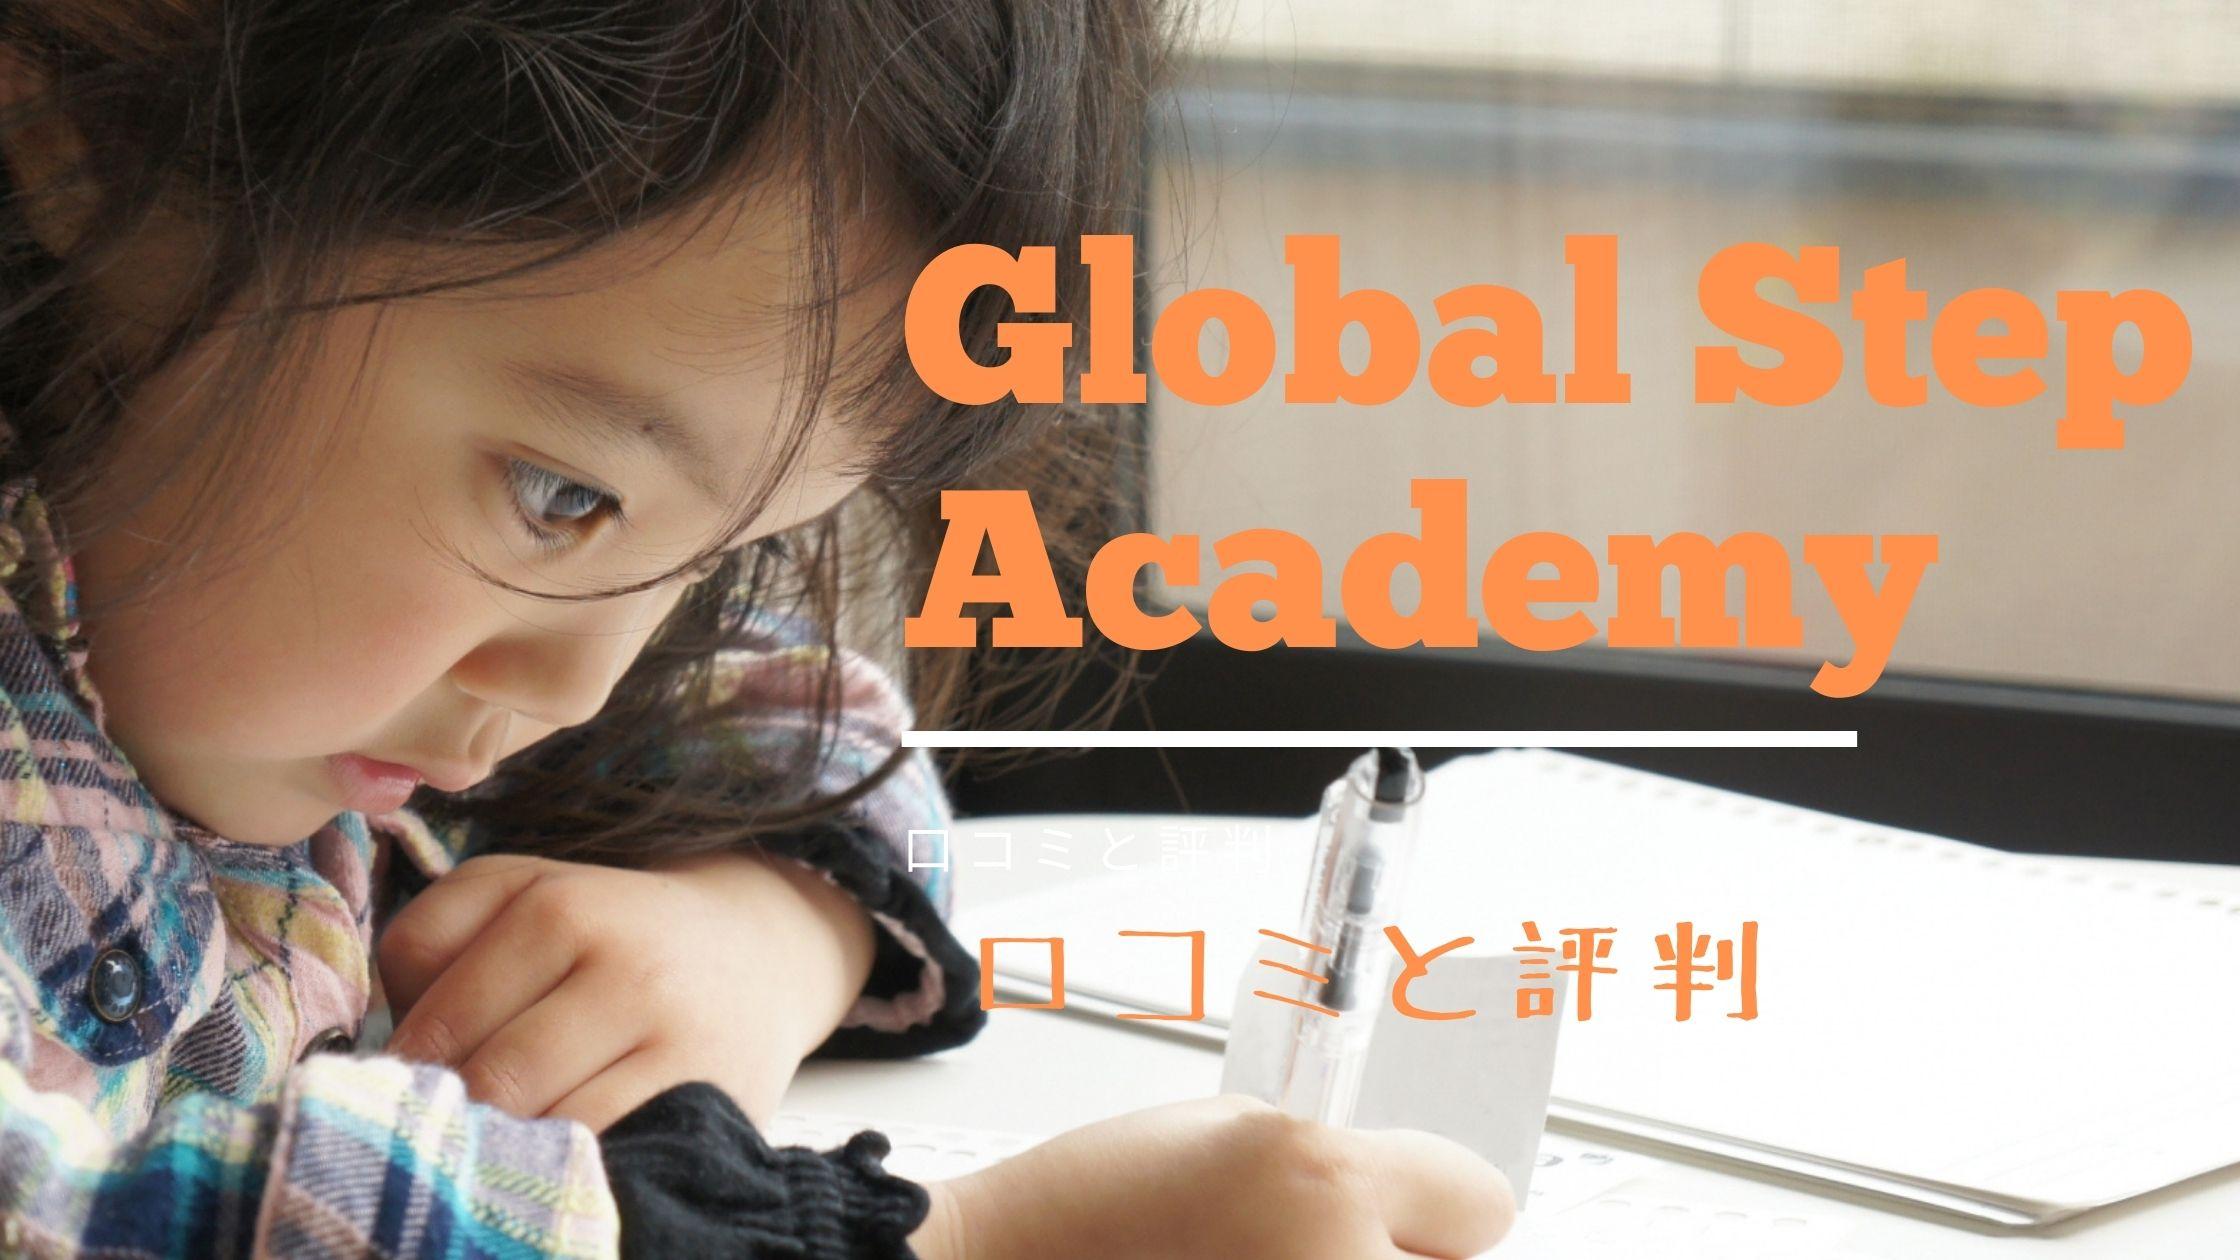 【辛口】グローバルステップアカデミーの口コミ・評判は?英語初心者でも大丈夫?